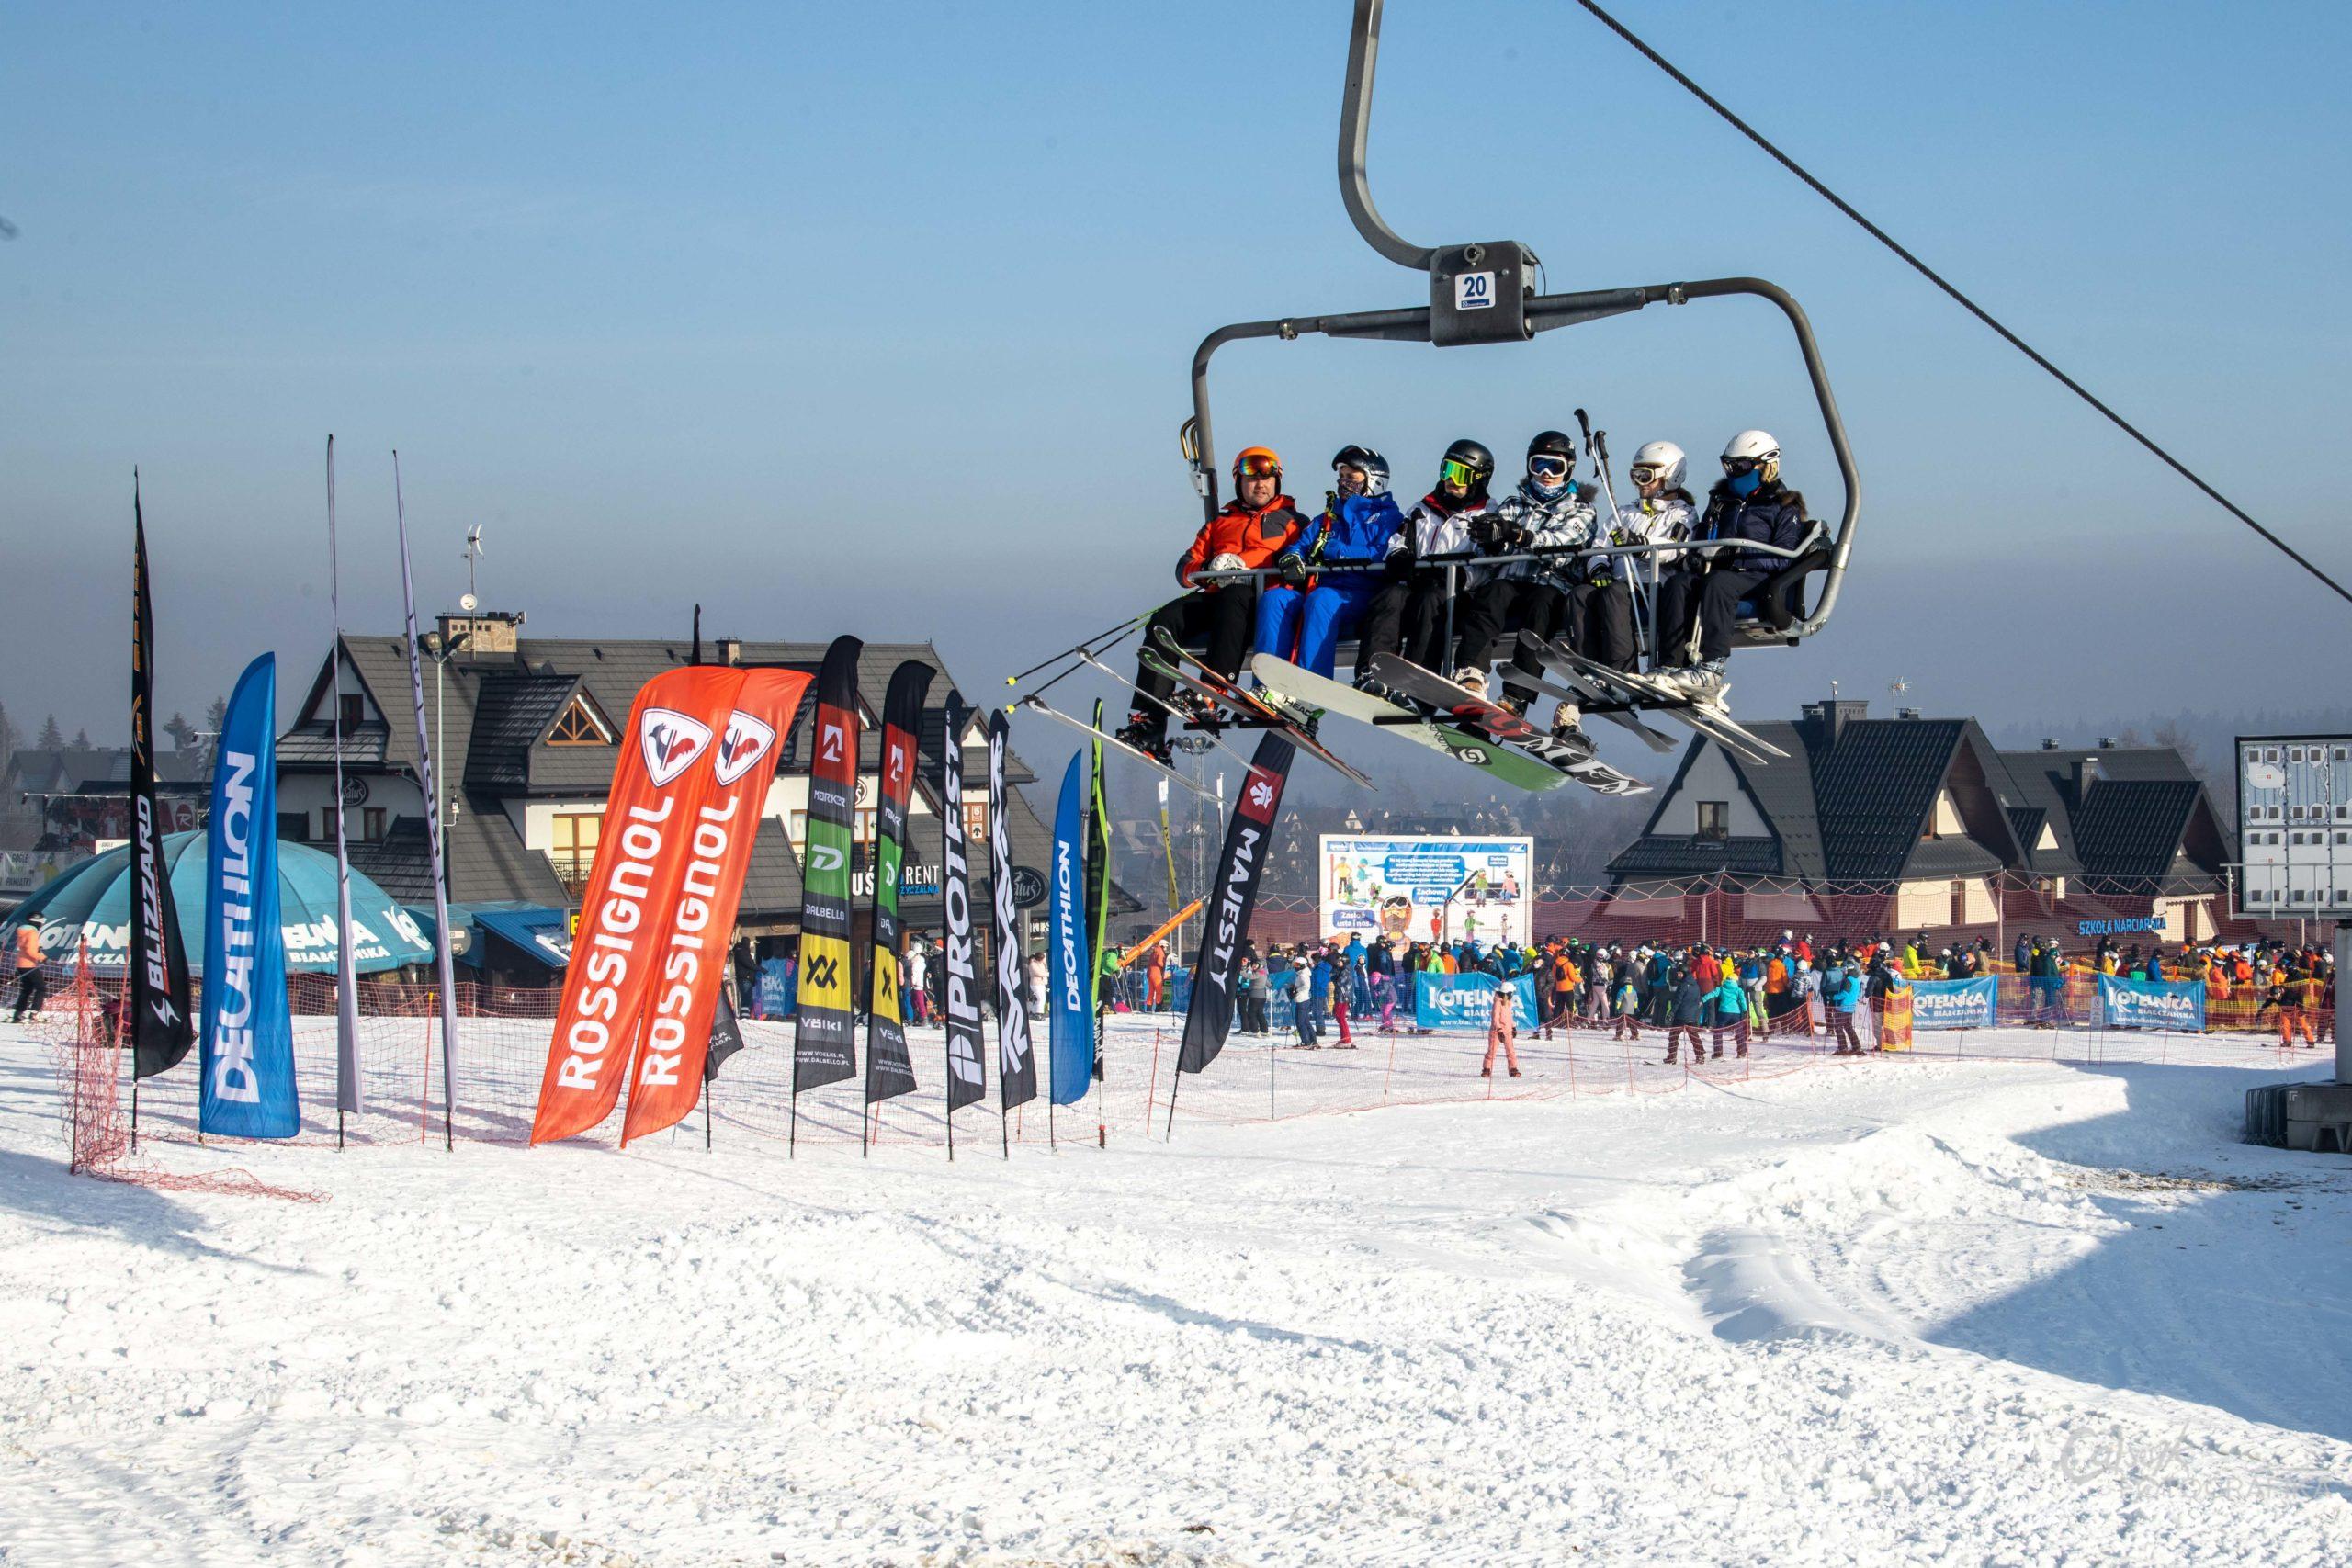 Dramatyczny apel branży zajmującej się sprzętem narciarskim